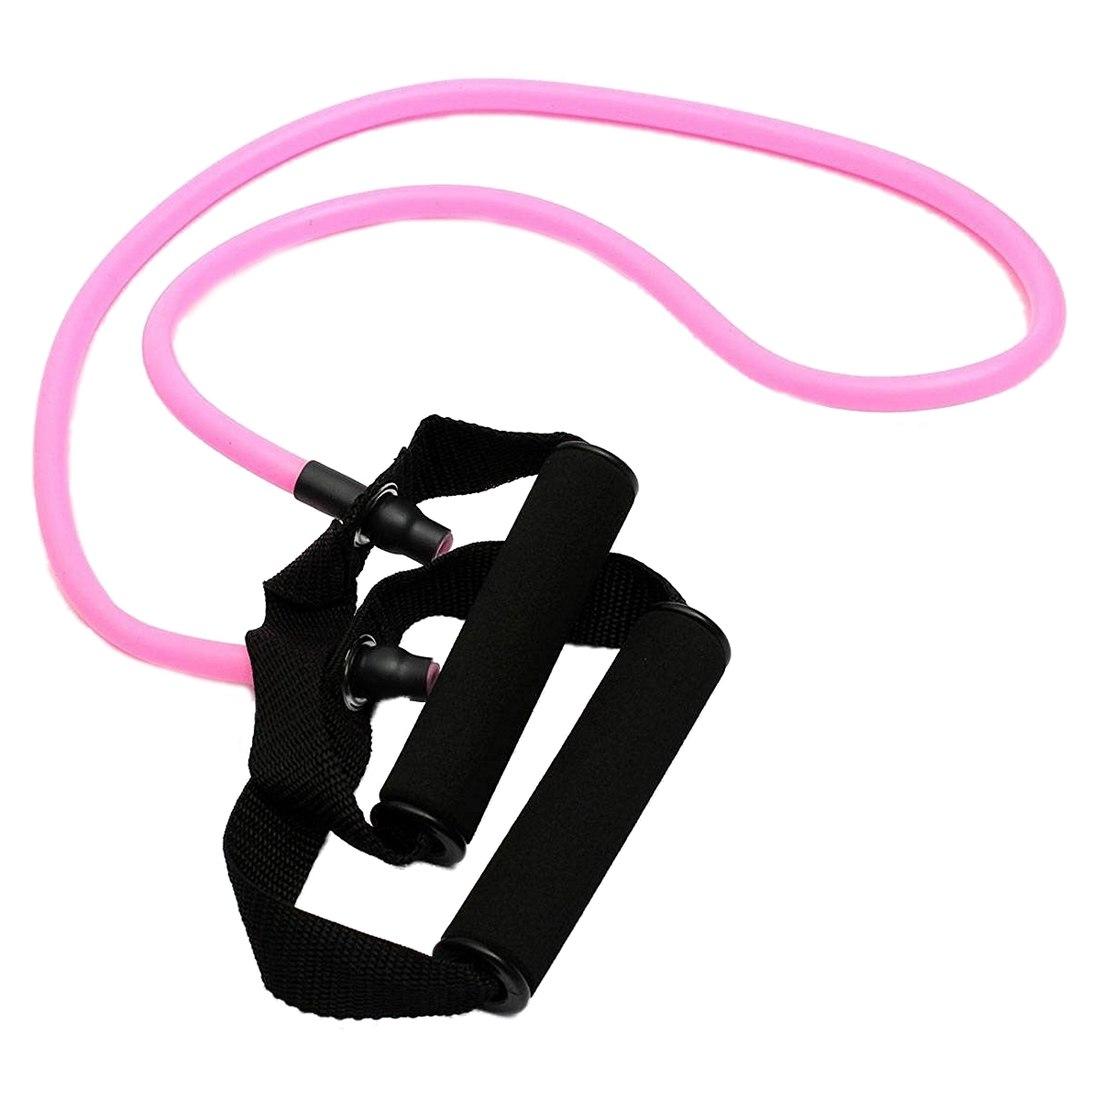 [해외]TPR 저항 테이프 피트 니스 테이프 저항 테이프 훈련 테이프 훈련 확장기/TPR resistance tapes fitness tapes resistance tapes training tapes training expander